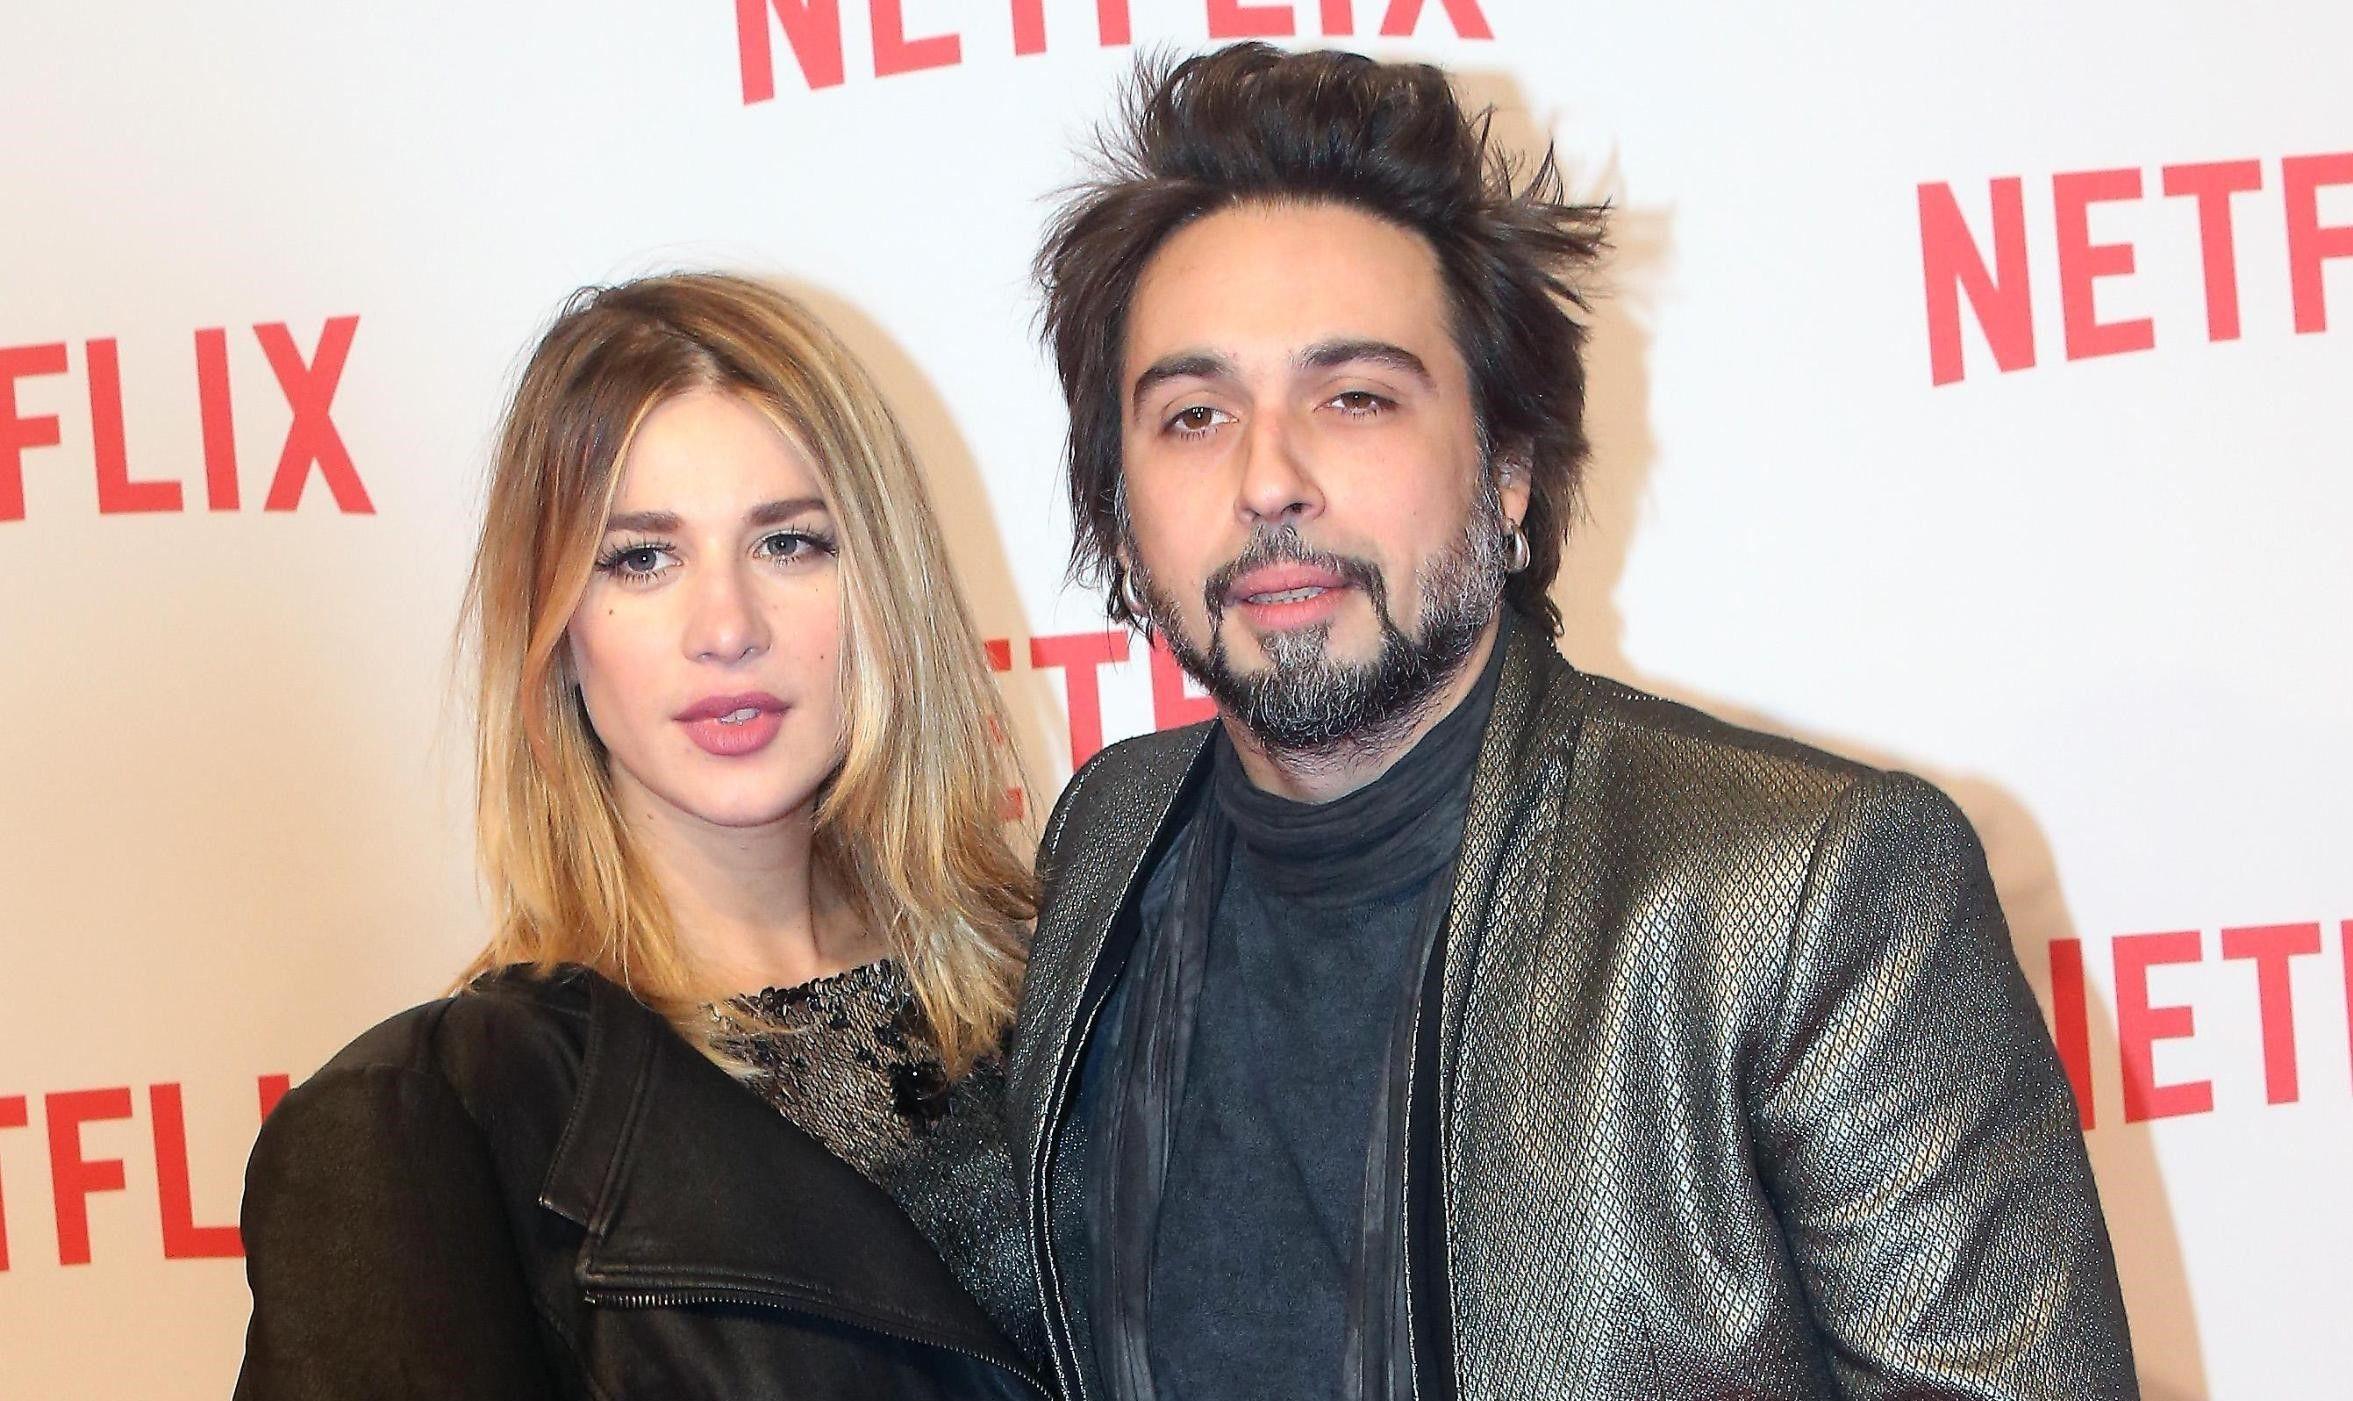 Francesco Sarcina e Clizia Incorvaia si sono lasciati. Lei: 'Grazie per questo amore immenso'